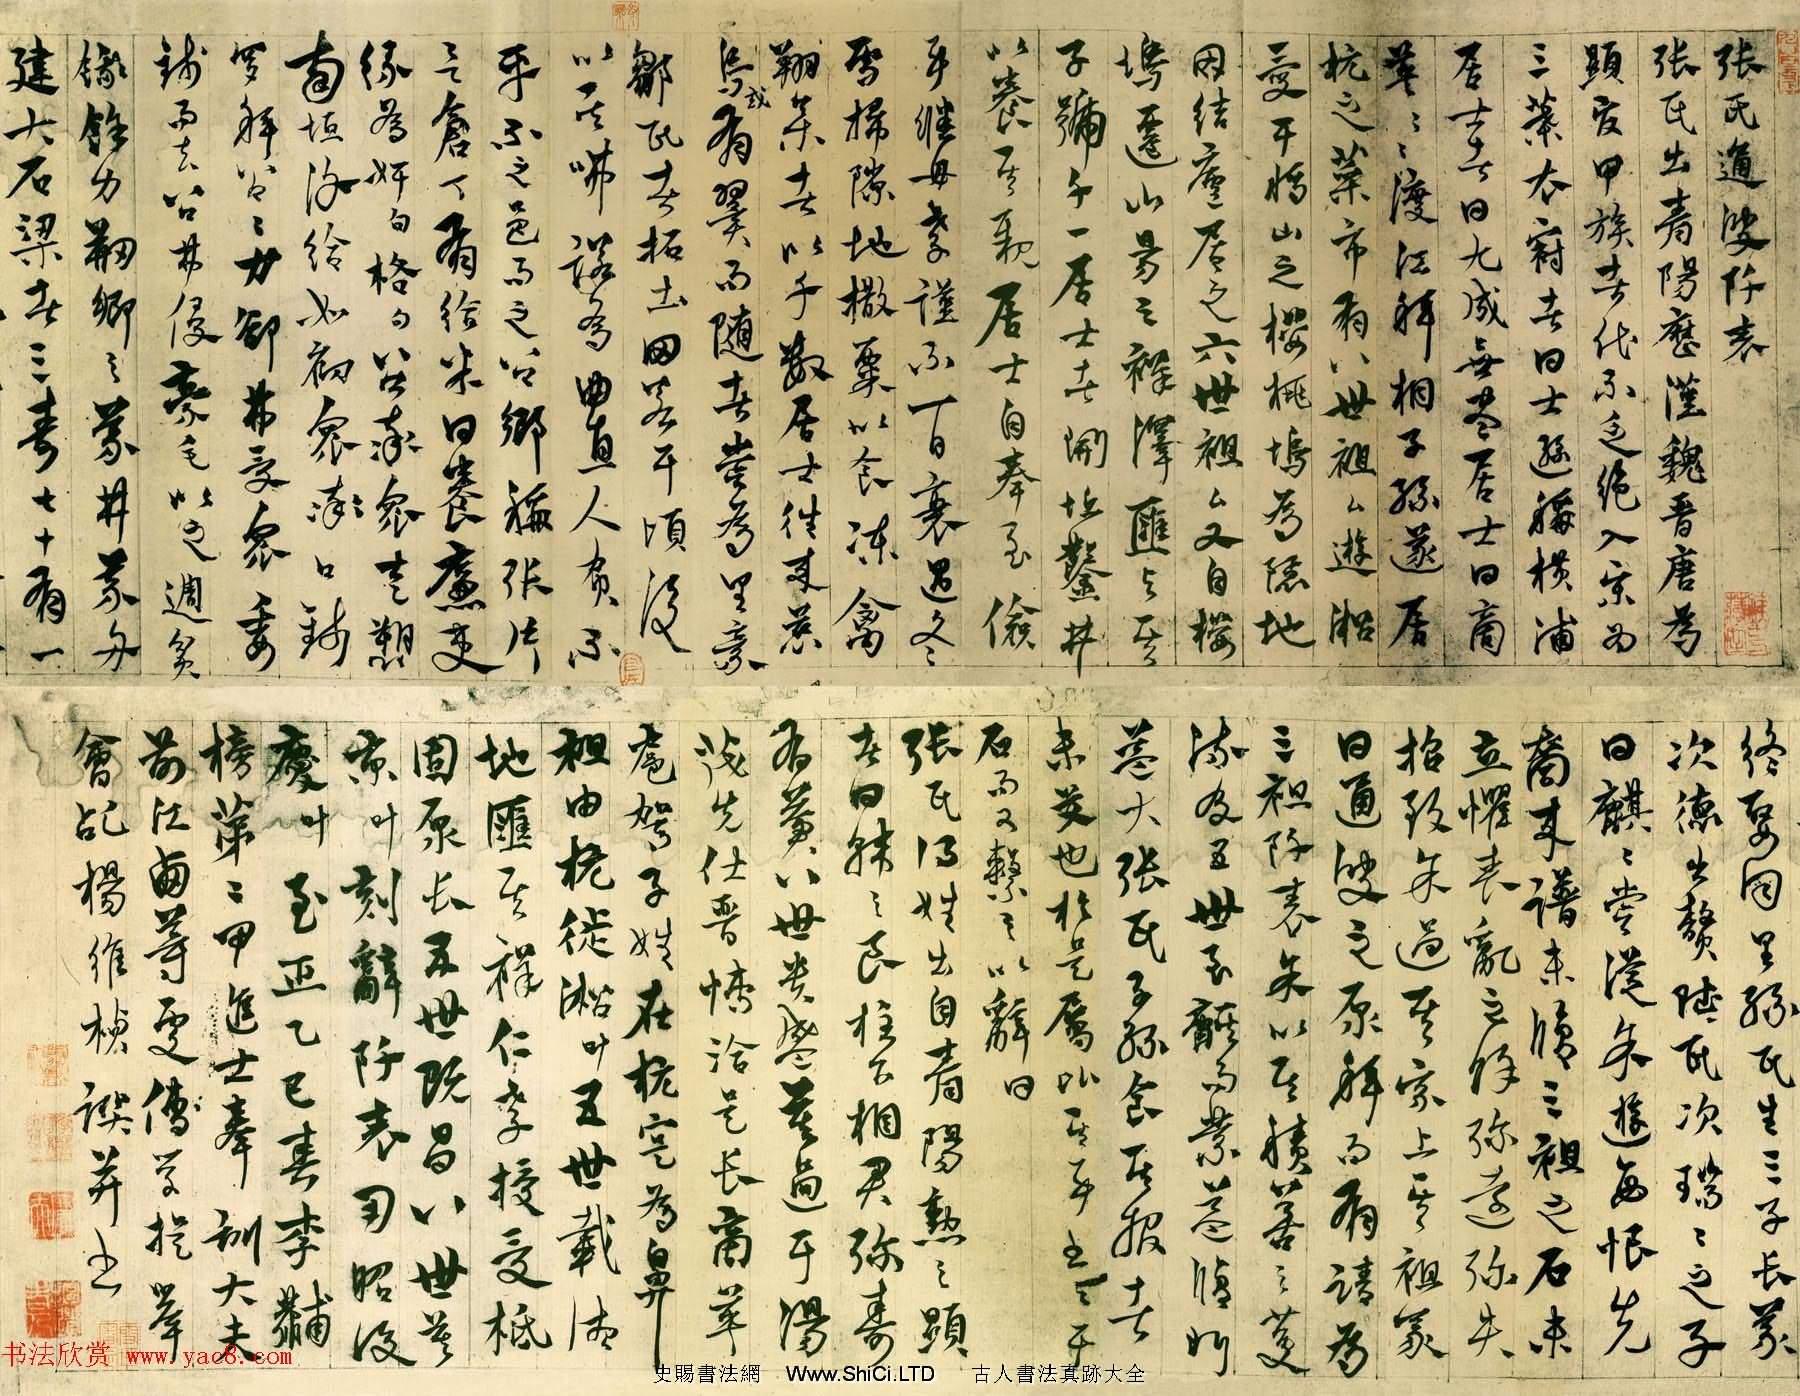 楊維楨晚年草書的代表作《張氏通波阡表》(共14張圖片)